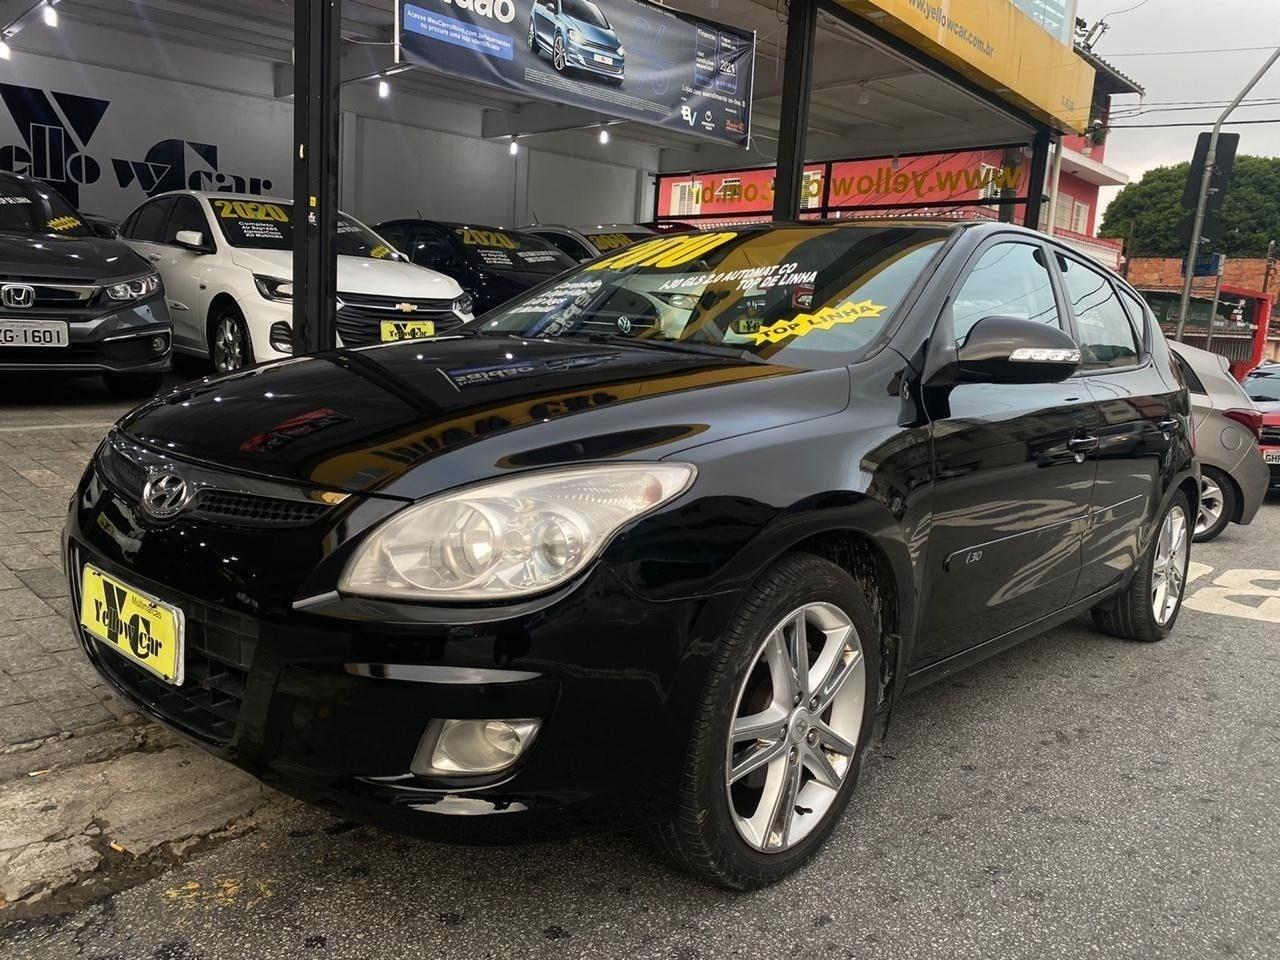 //www.autoline.com.br/carro/hyundai/i30-20-gls-16v-gasolina-4p-automatico/2010/sao-paulo-sp/14572908